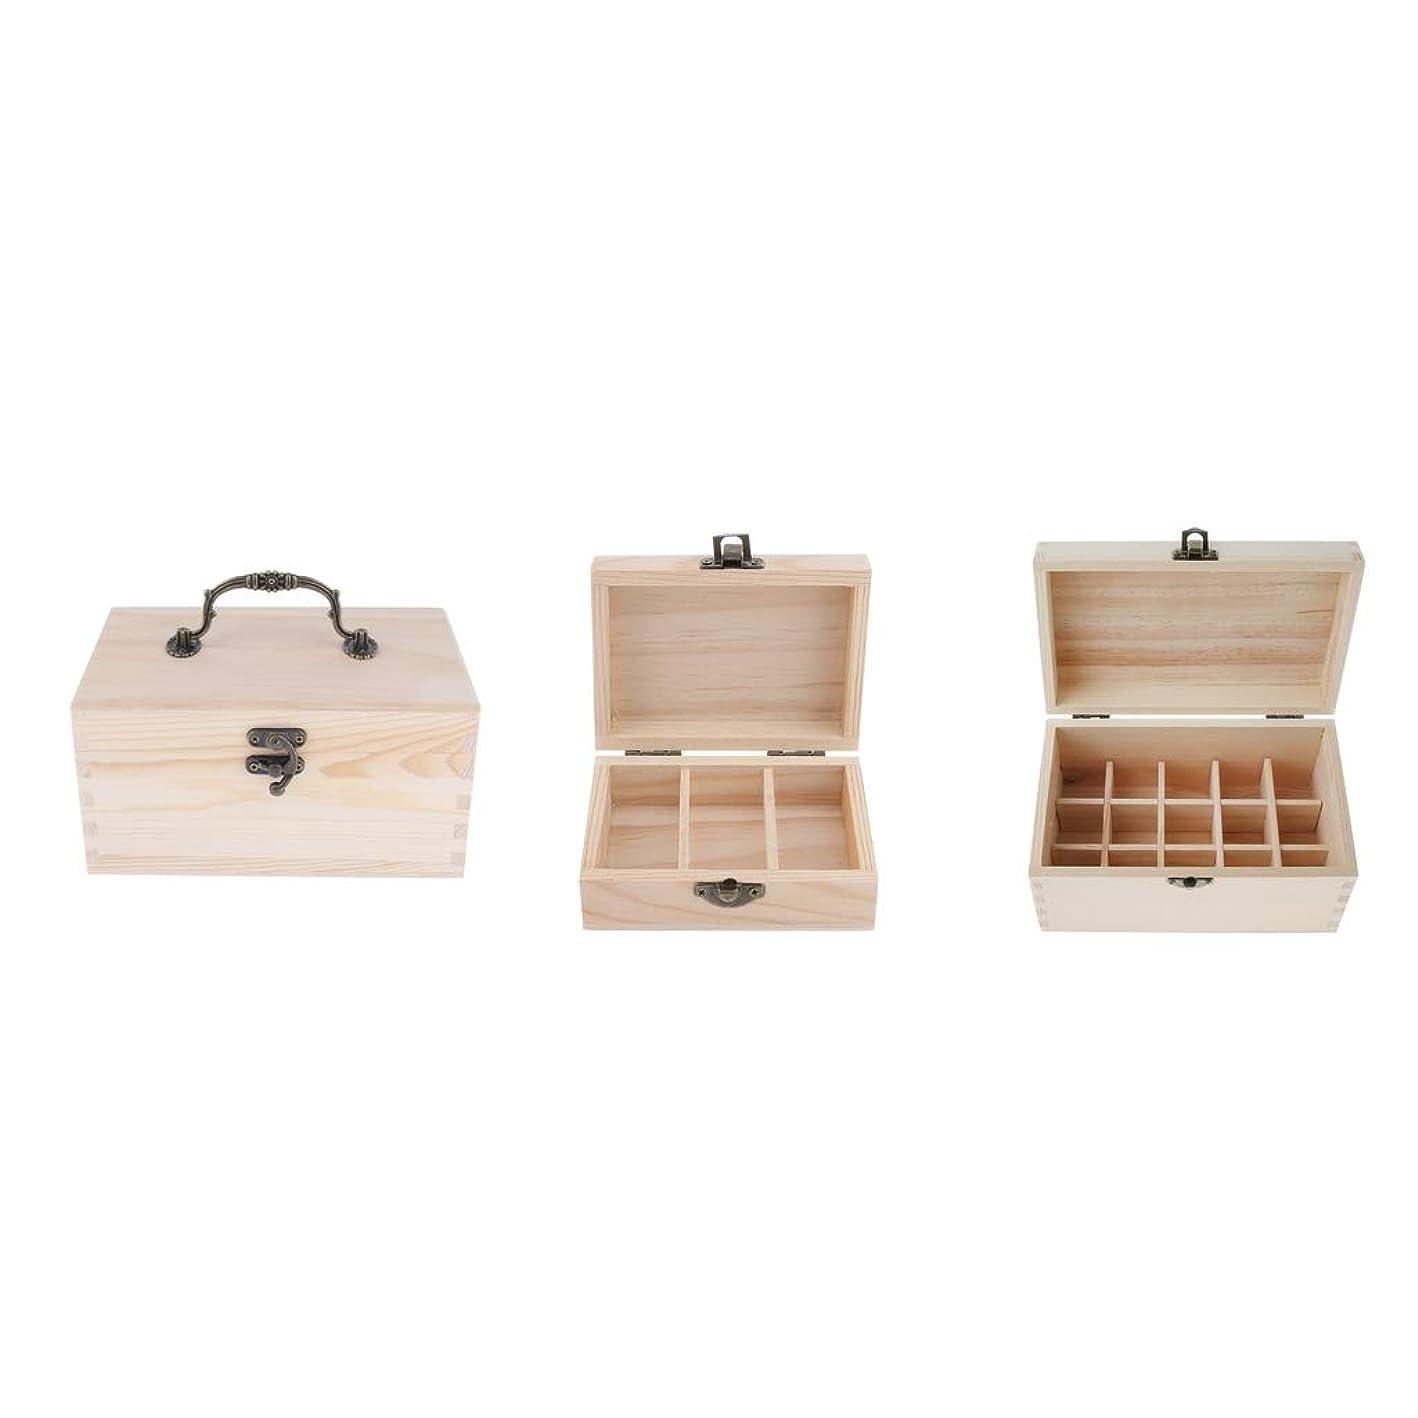 予防接種正当な留め金P Prettyia エッセンシャルオイル収納ボックス 精油収納ケース 超大容量 木製 精油収納 香水収納ケース 携帯用 3個入